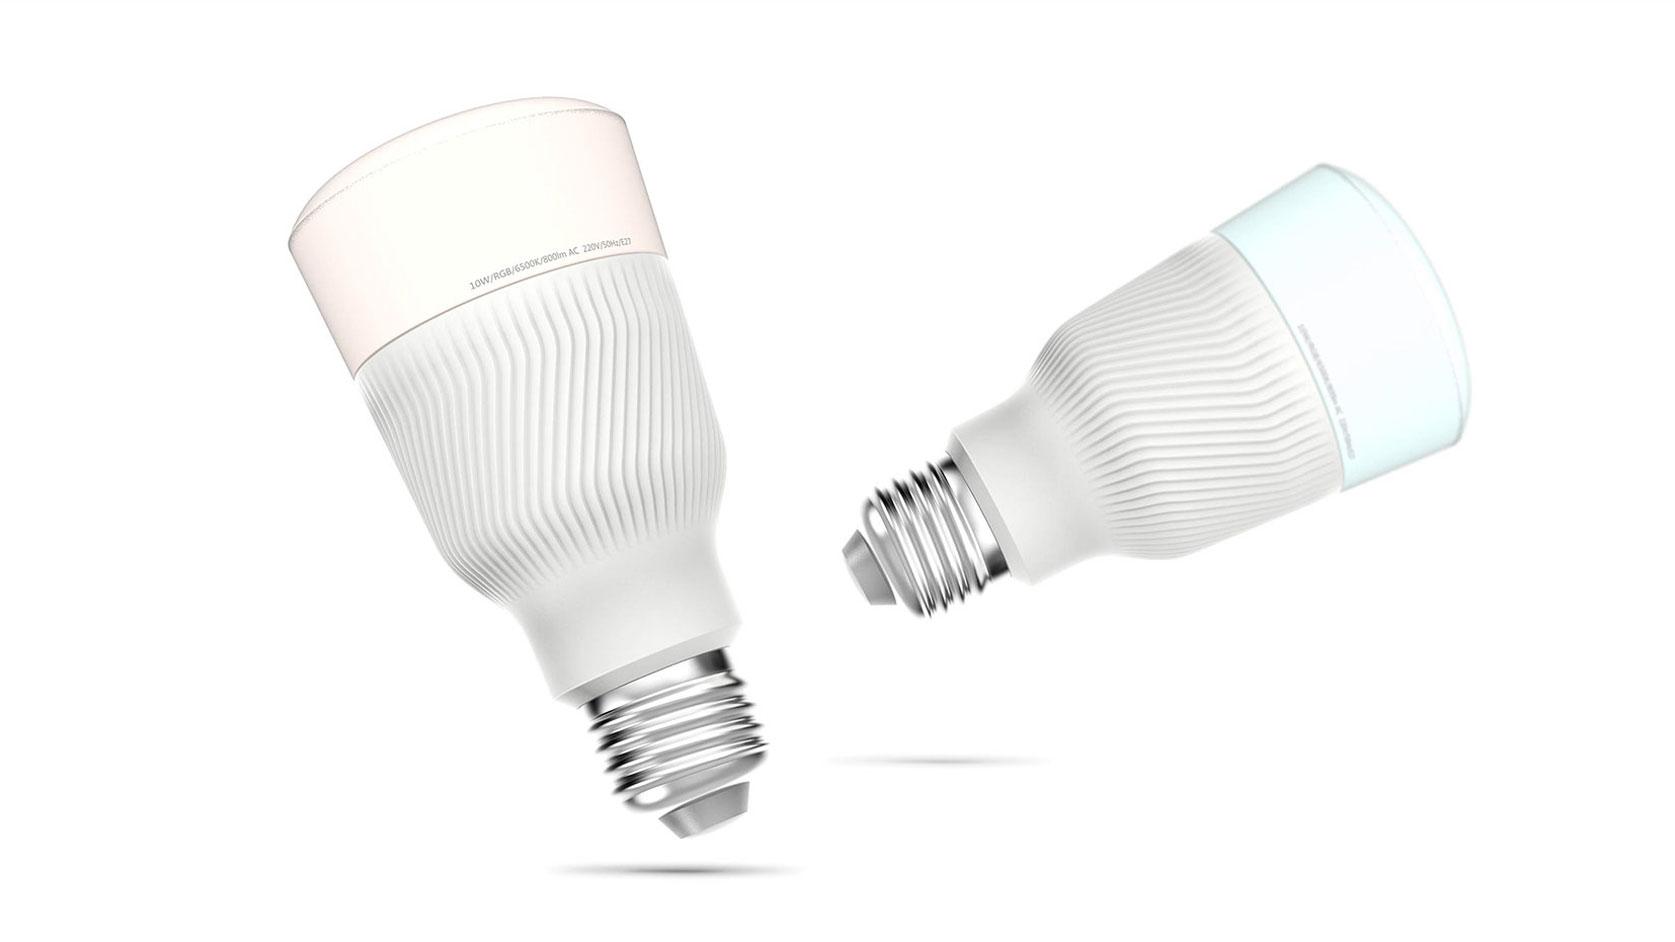 智能灯泡设计2.jpg